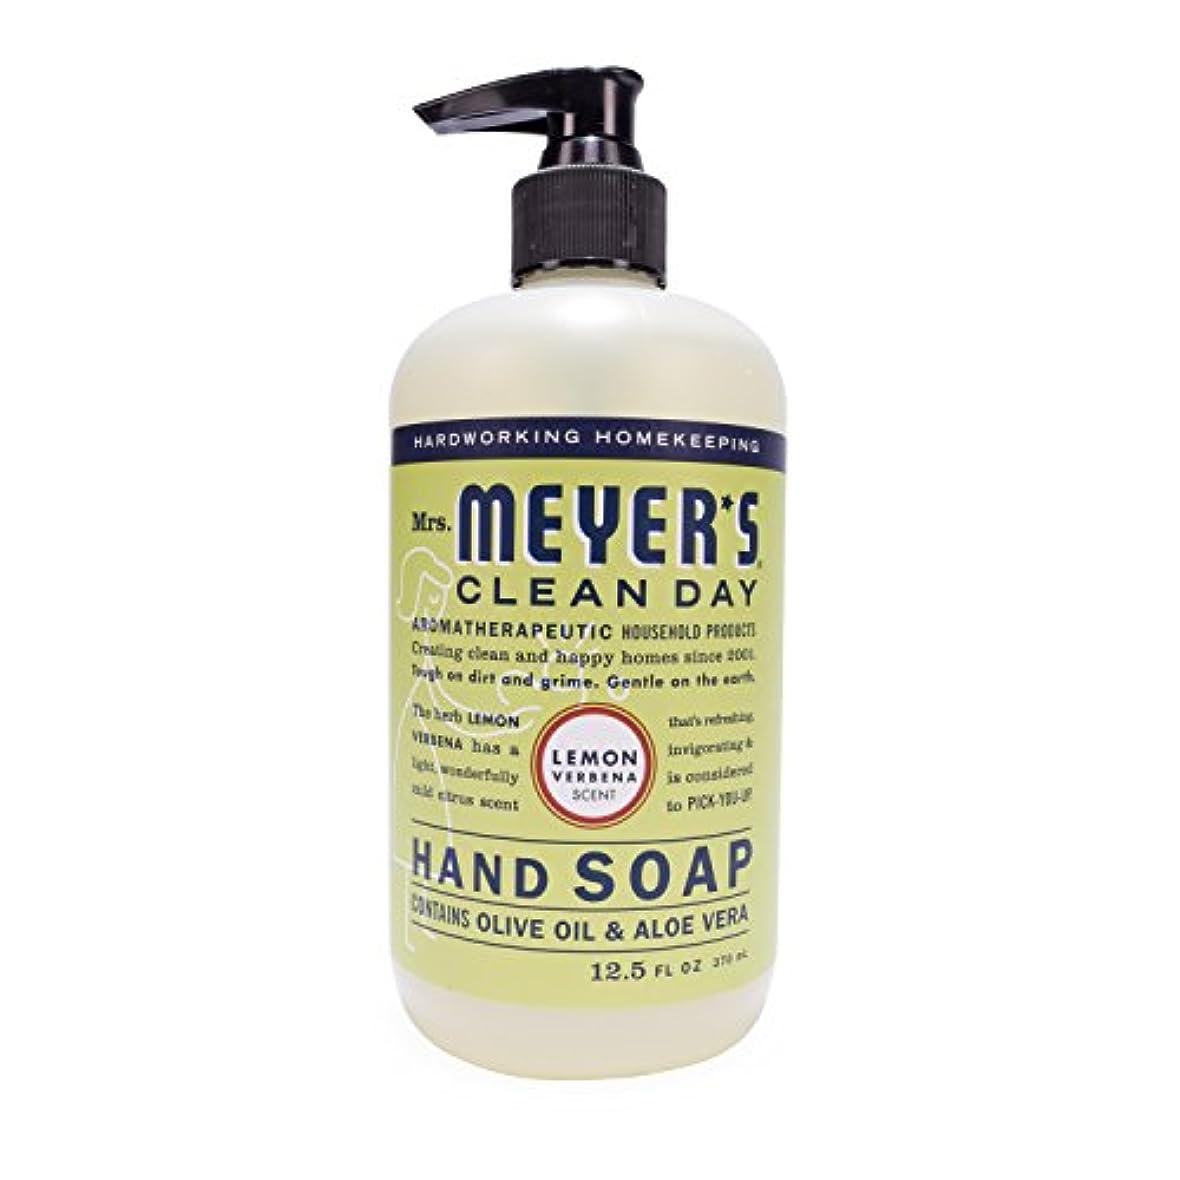 極貧ポーター冷蔵庫Mrs. Meyer's Hand Soap Lemon Verbena, 12.5 Fluid Ounce (Pack of 3) by Mrs. Meyer's Clean Day